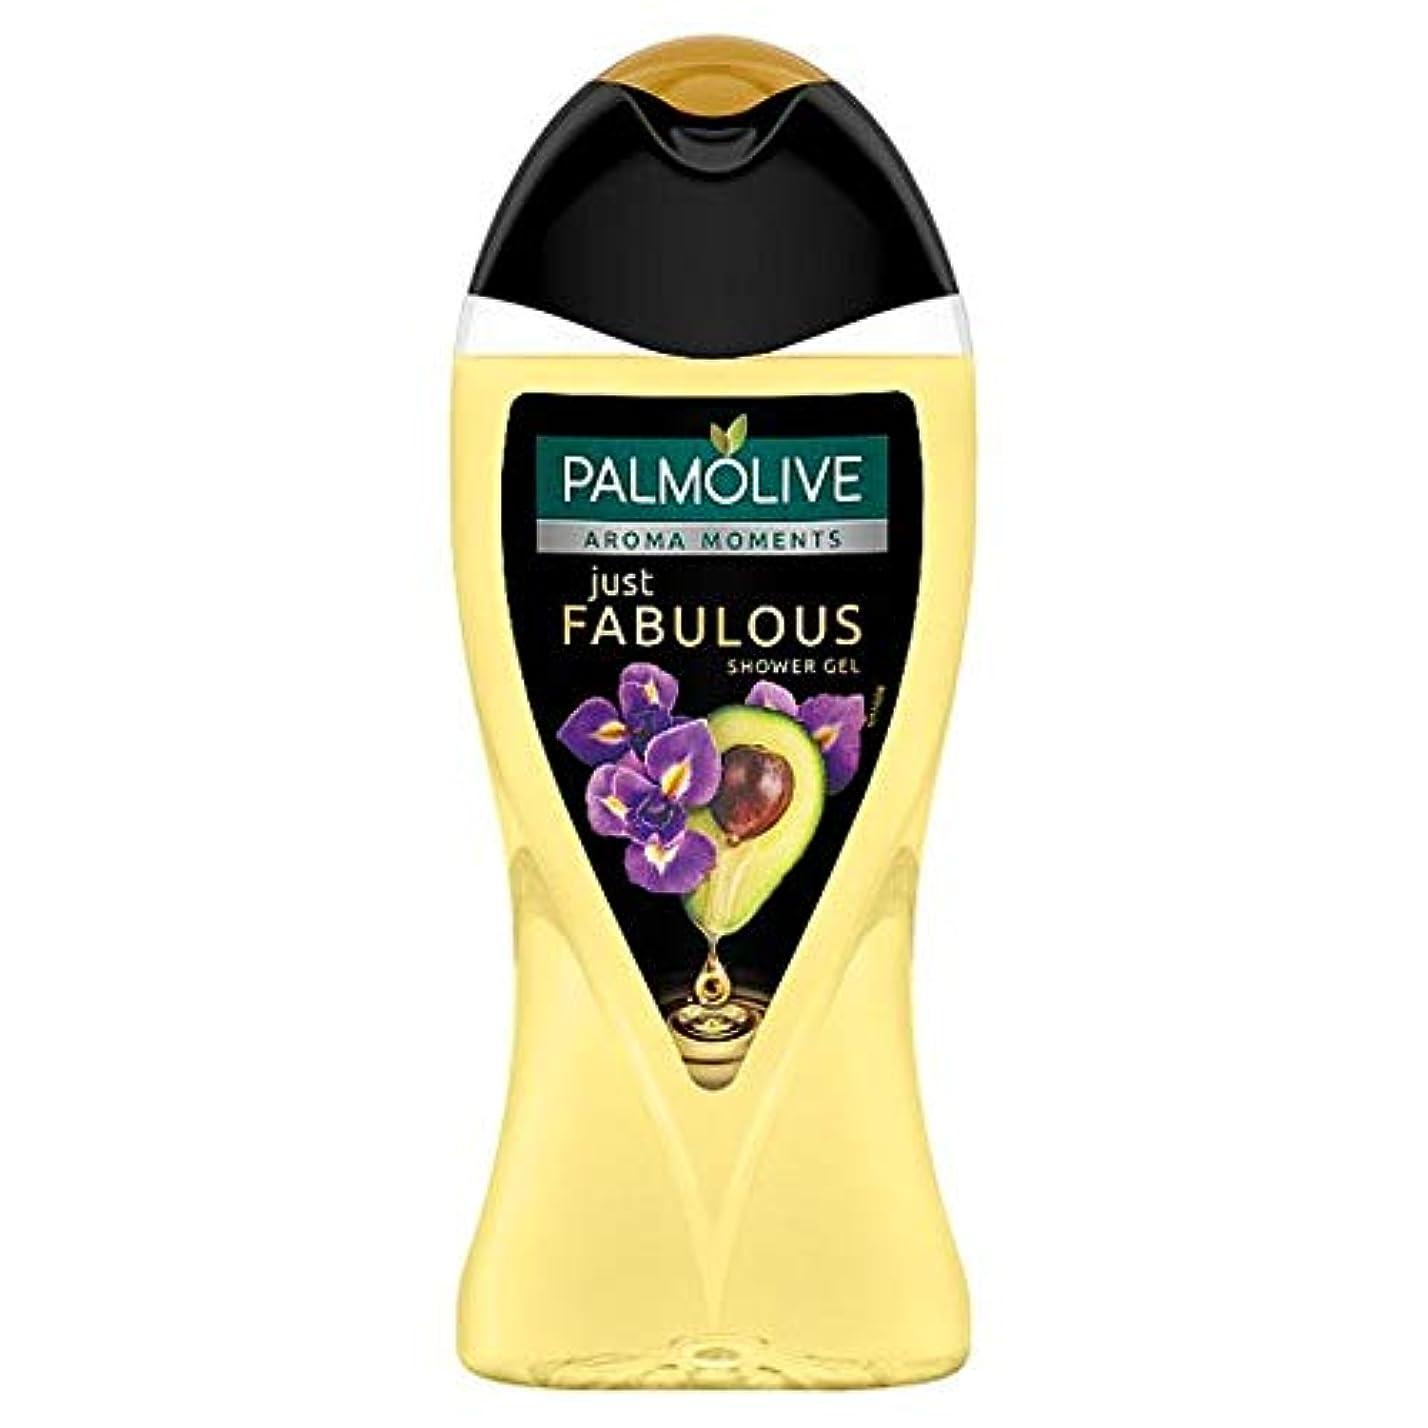 吐き出す磨かれたループ[Palmolive] ちょうど素晴らしいシャワージェル250ミリリットルをパルモ - Palmolive Just Fabulous Shower Gel 250Ml [並行輸入品]